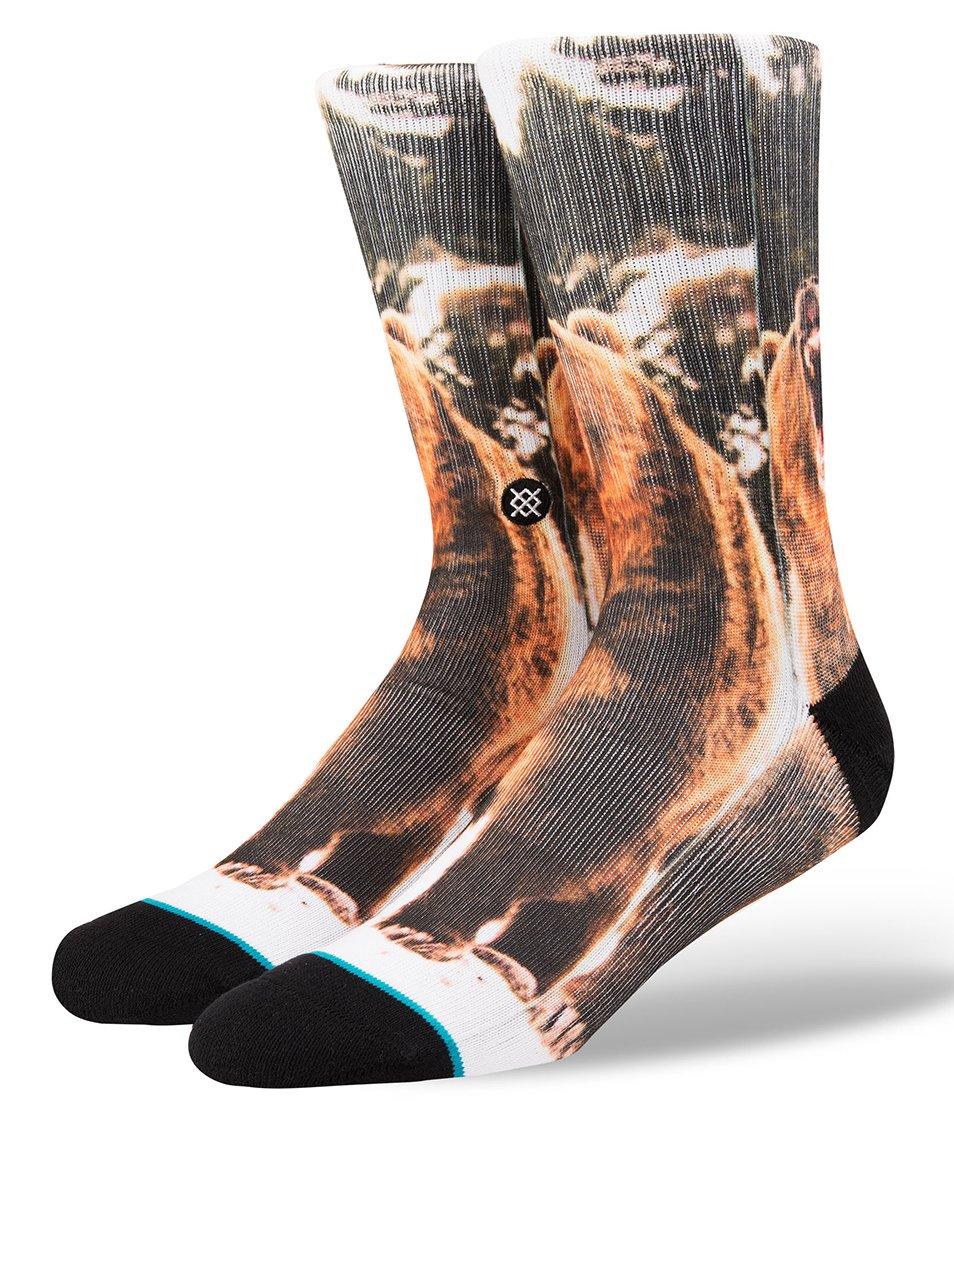 Černé pánské ponožky s potiskem medvěda Stance Leos